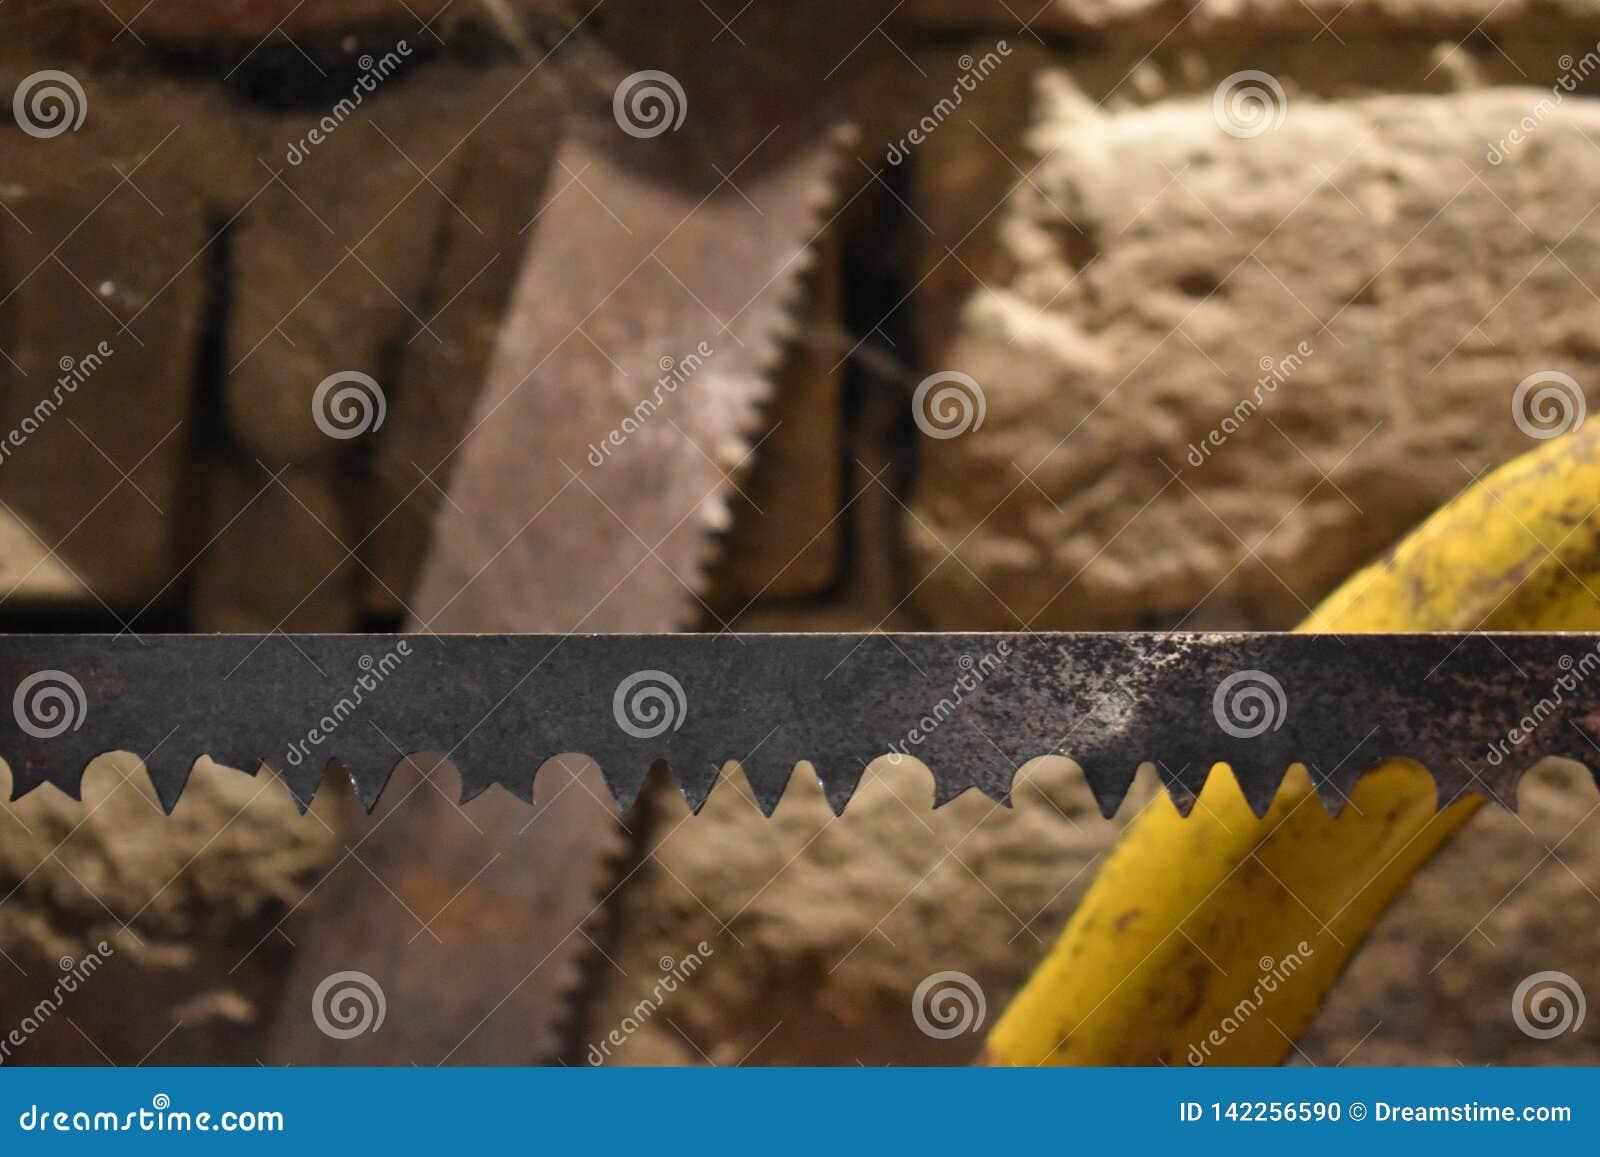 Deux scie des lames, celle au foyer a cassé des dents